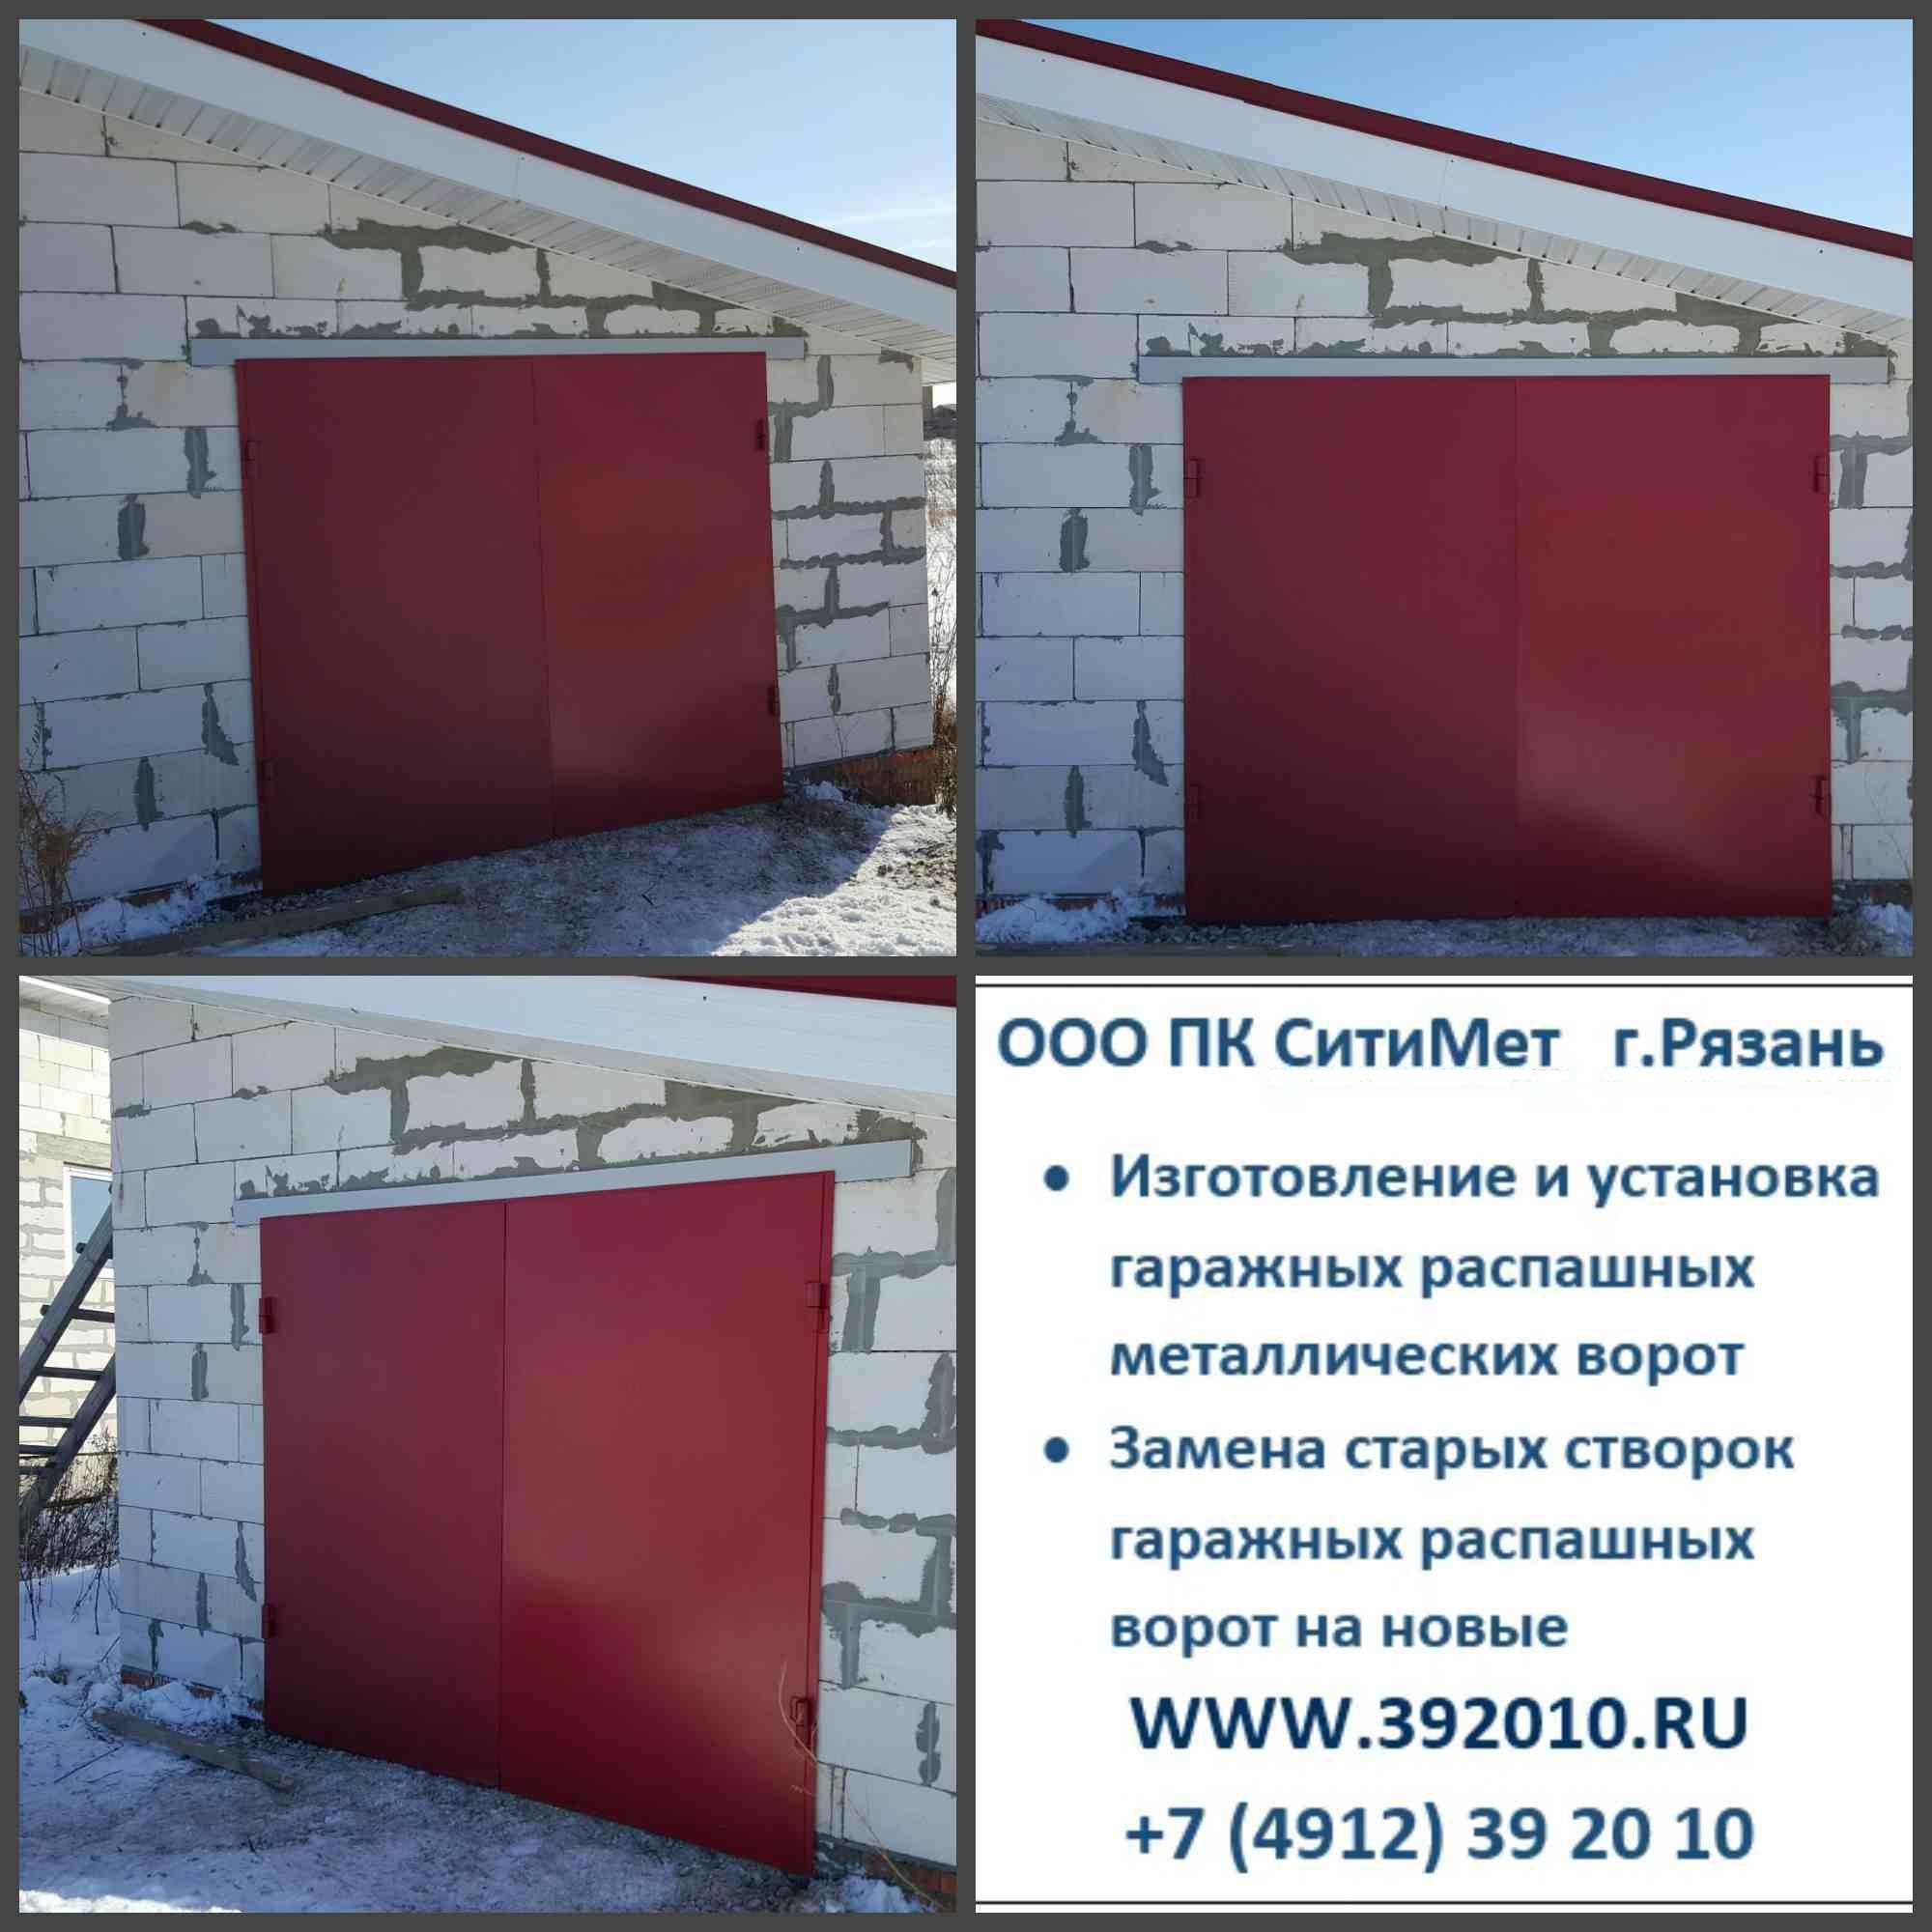 Заказать распашные ворота с калиткой в рязани автоматика и привод для откатных ворот